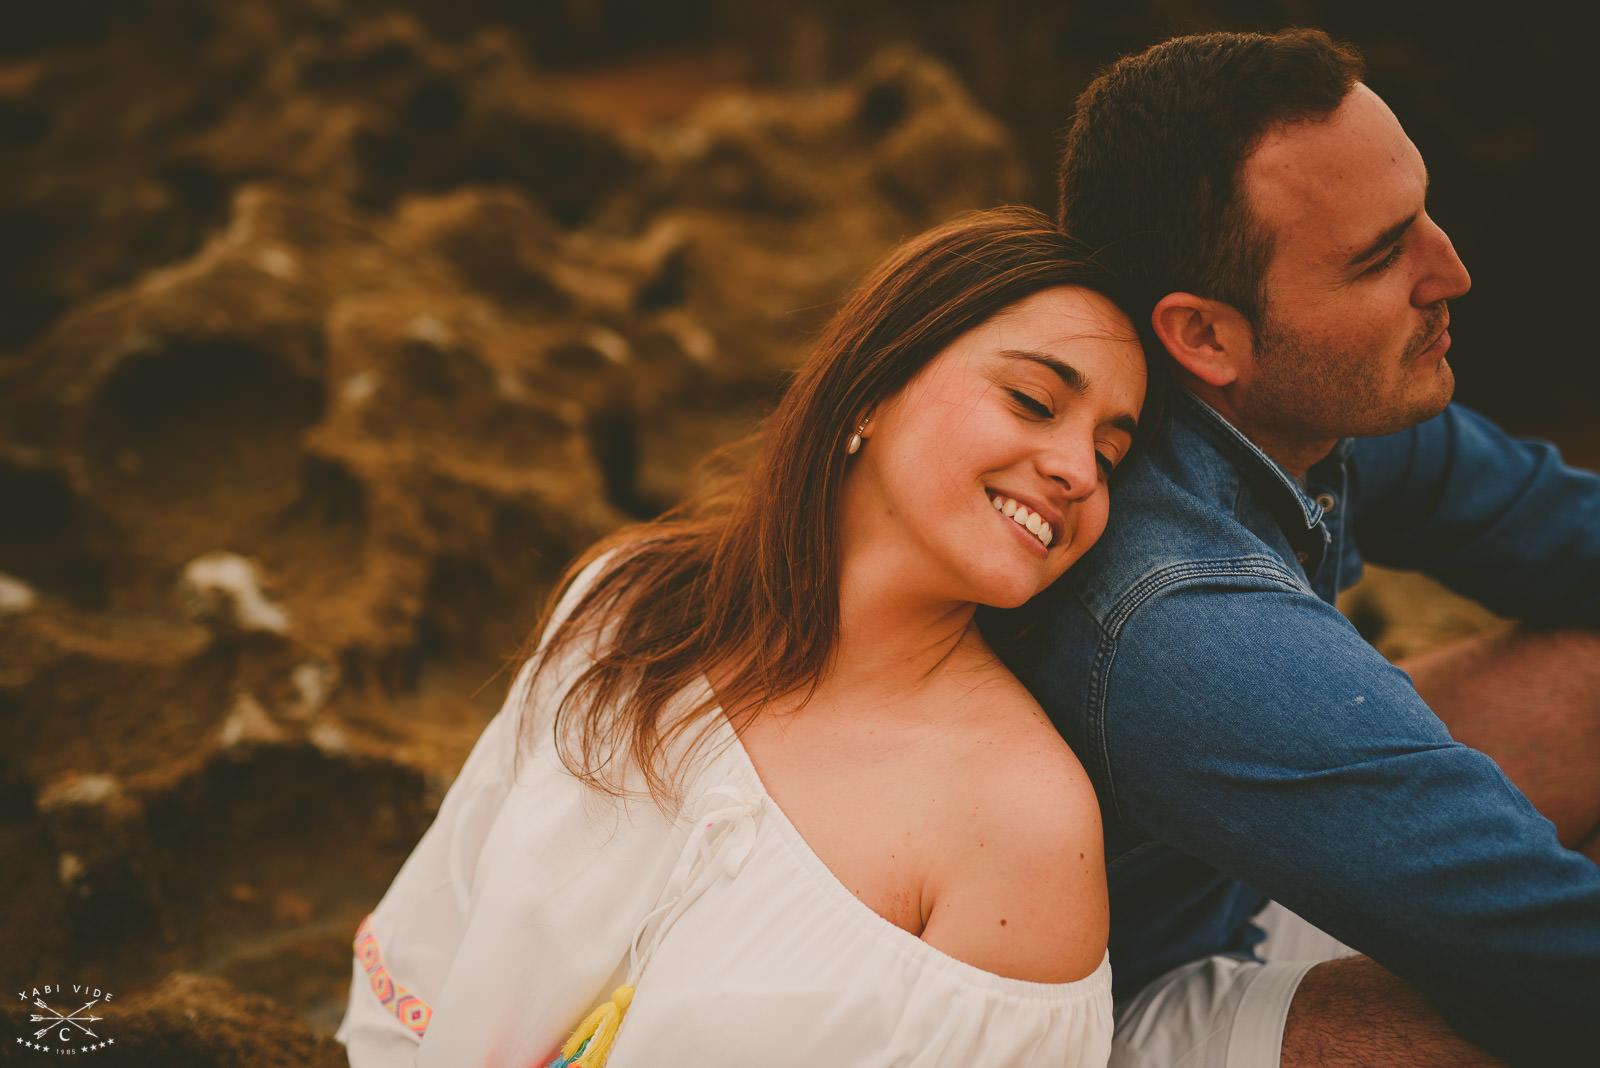 fotografo+de+bodas+en+cantabria-29